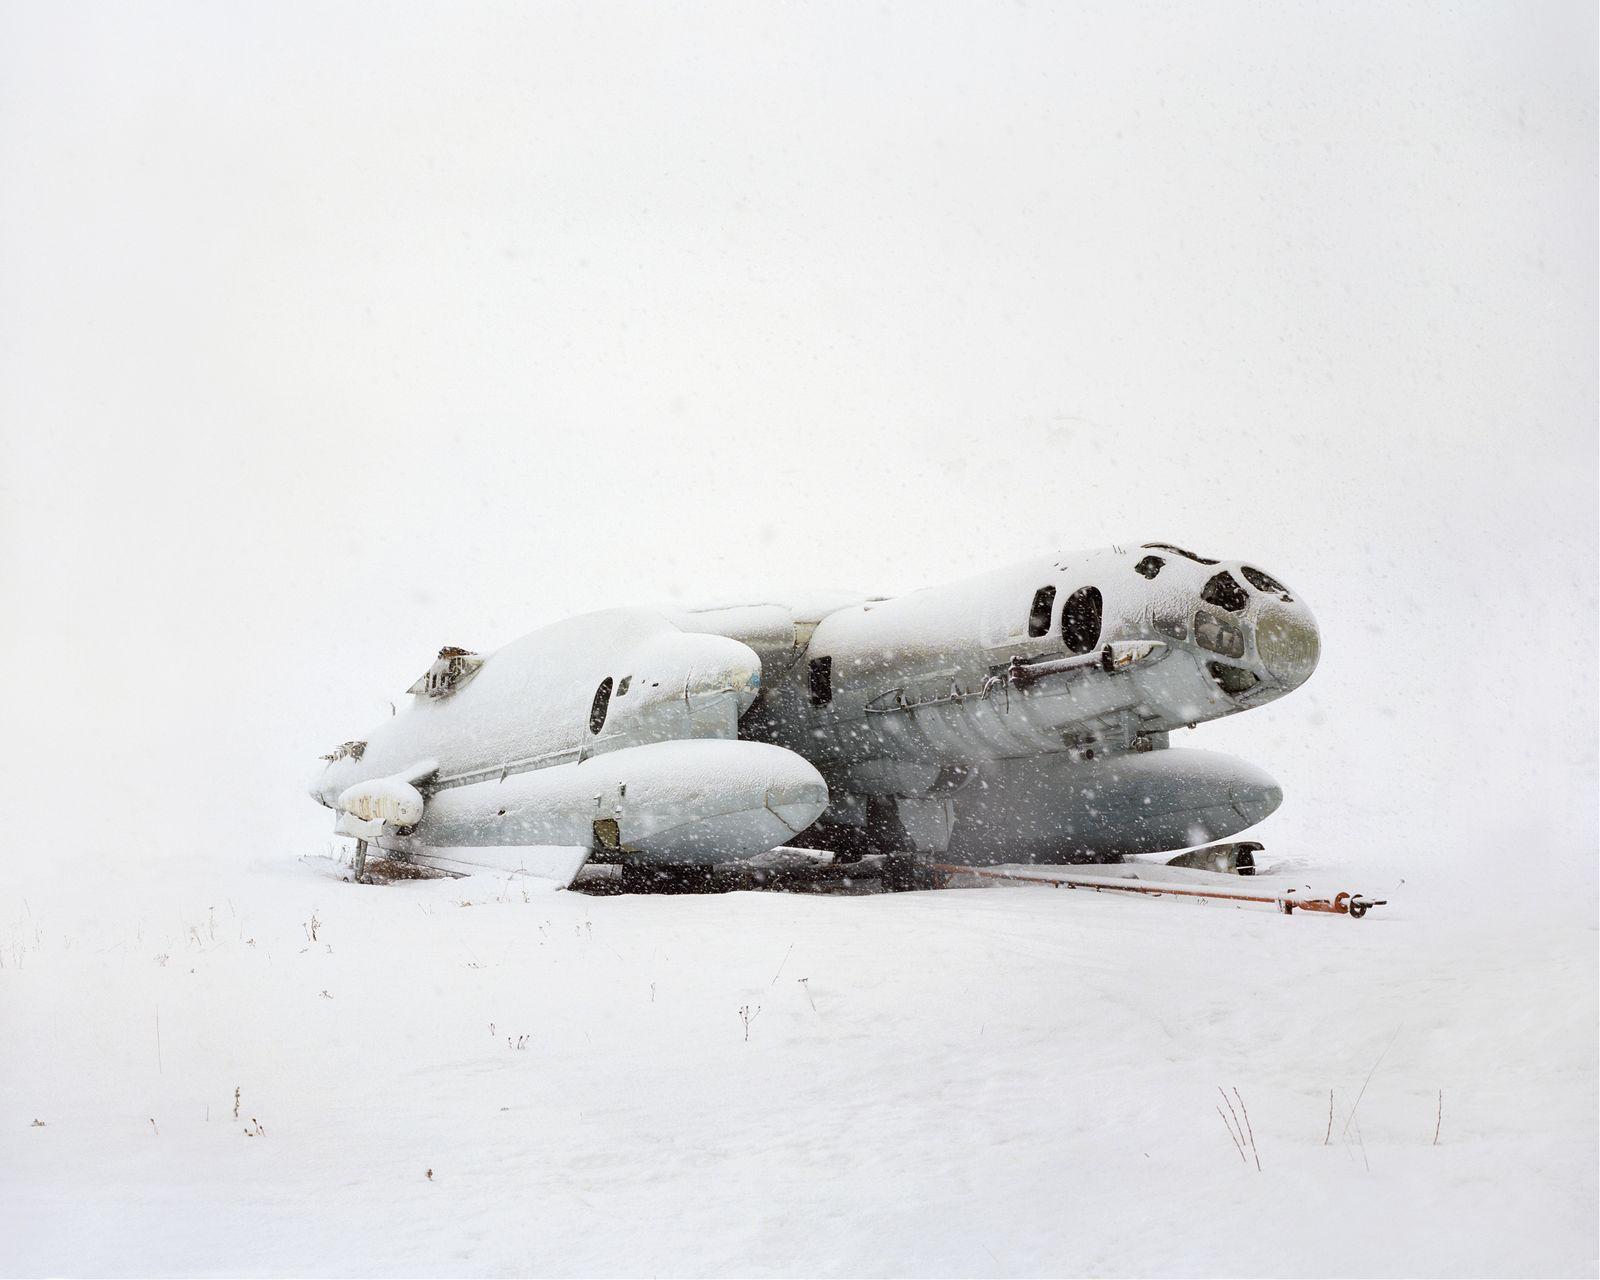 Экспериментальная вертикально-взлетающая амфибия ВВА-14. В СССР было сконструировано только 2 таких аппарата, один из которых разбился при транспортировке. Московская область